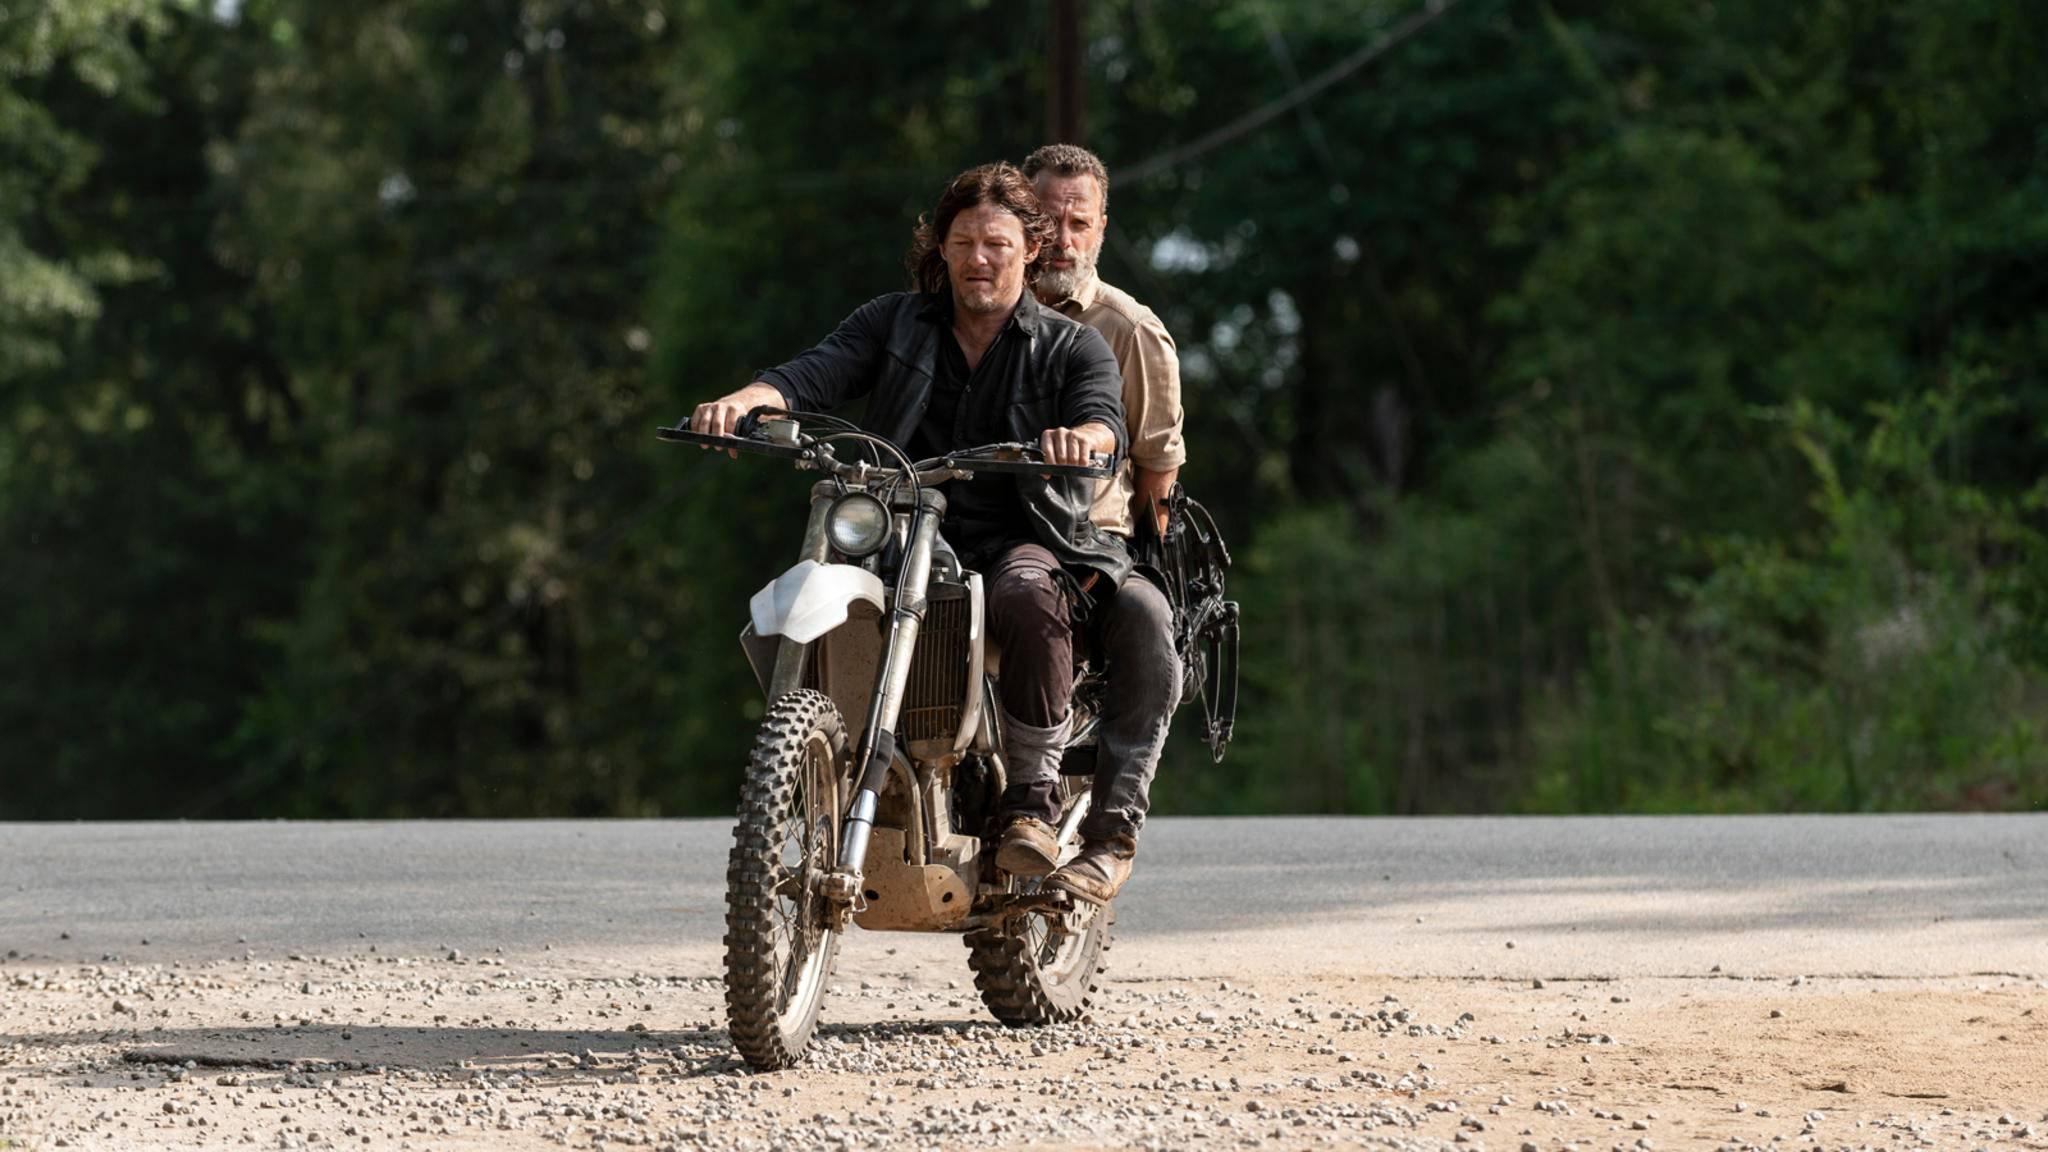 Cruisen Daryl und Rick bald wieder gemeinsam durch die Zombieapokalypse?